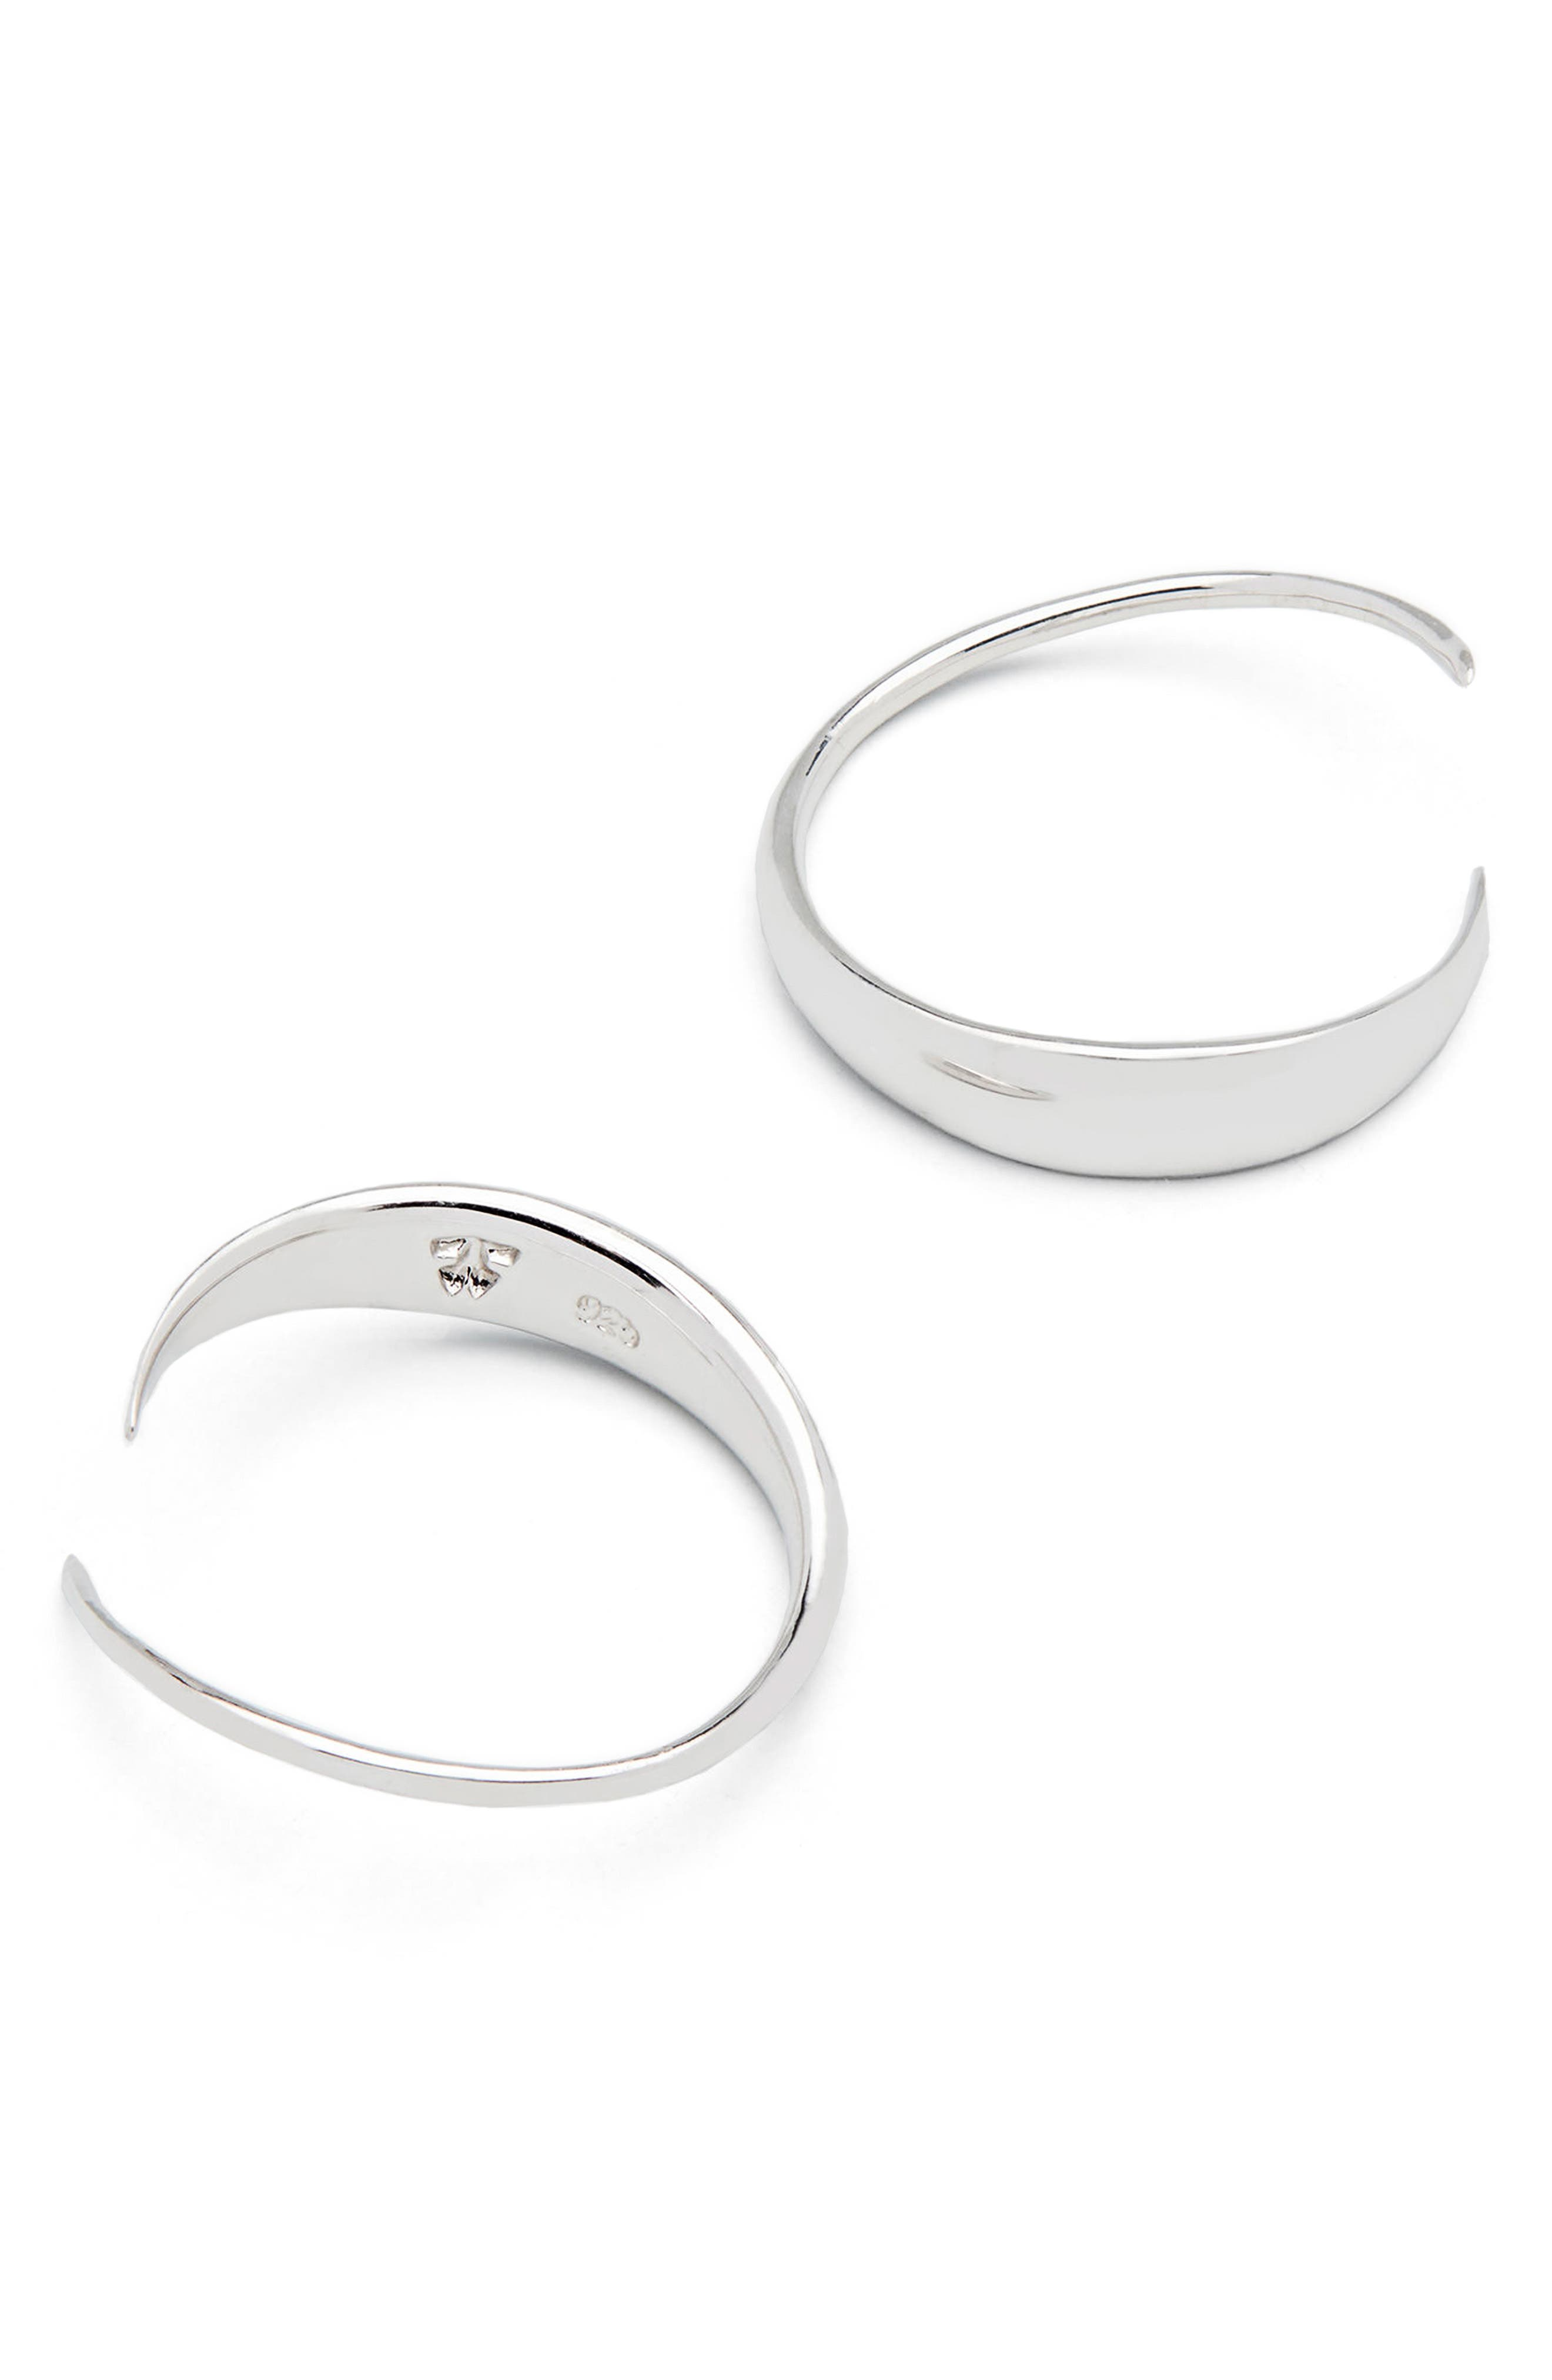 Ear Loop Earrings,                             Alternate thumbnail 3, color,                             925 Silver